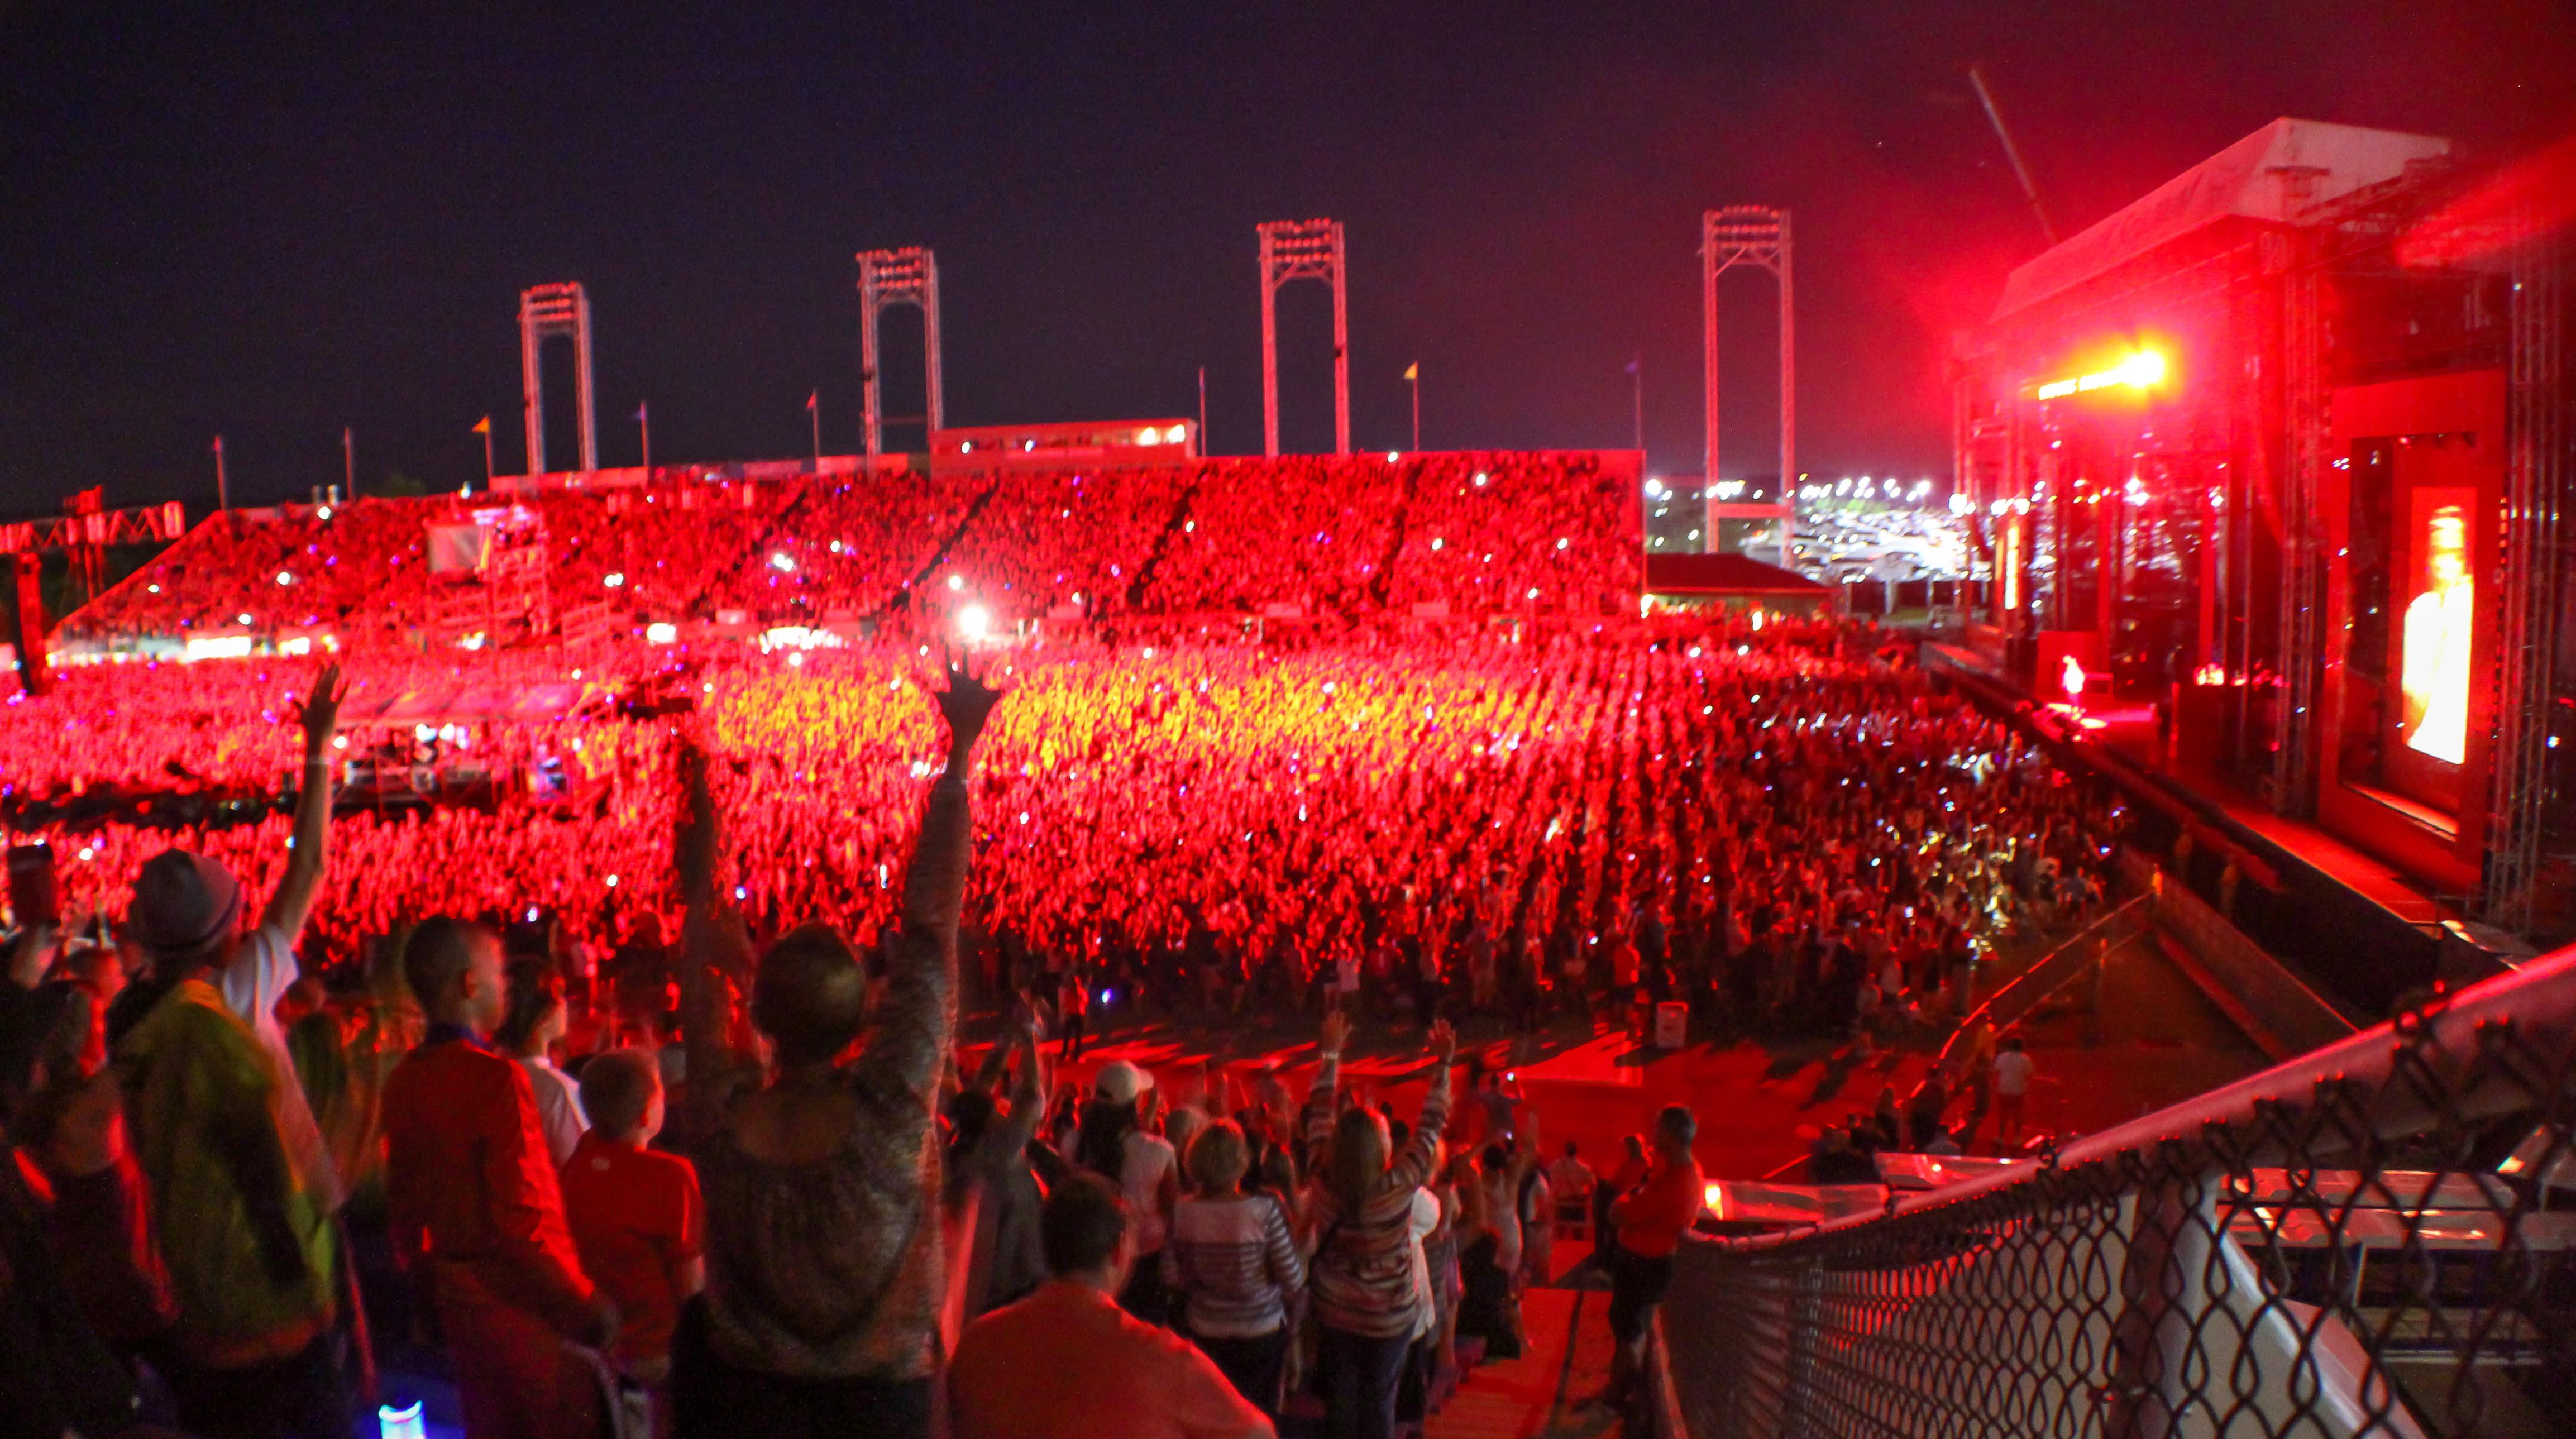 Concerts at Hersheypark Stadium